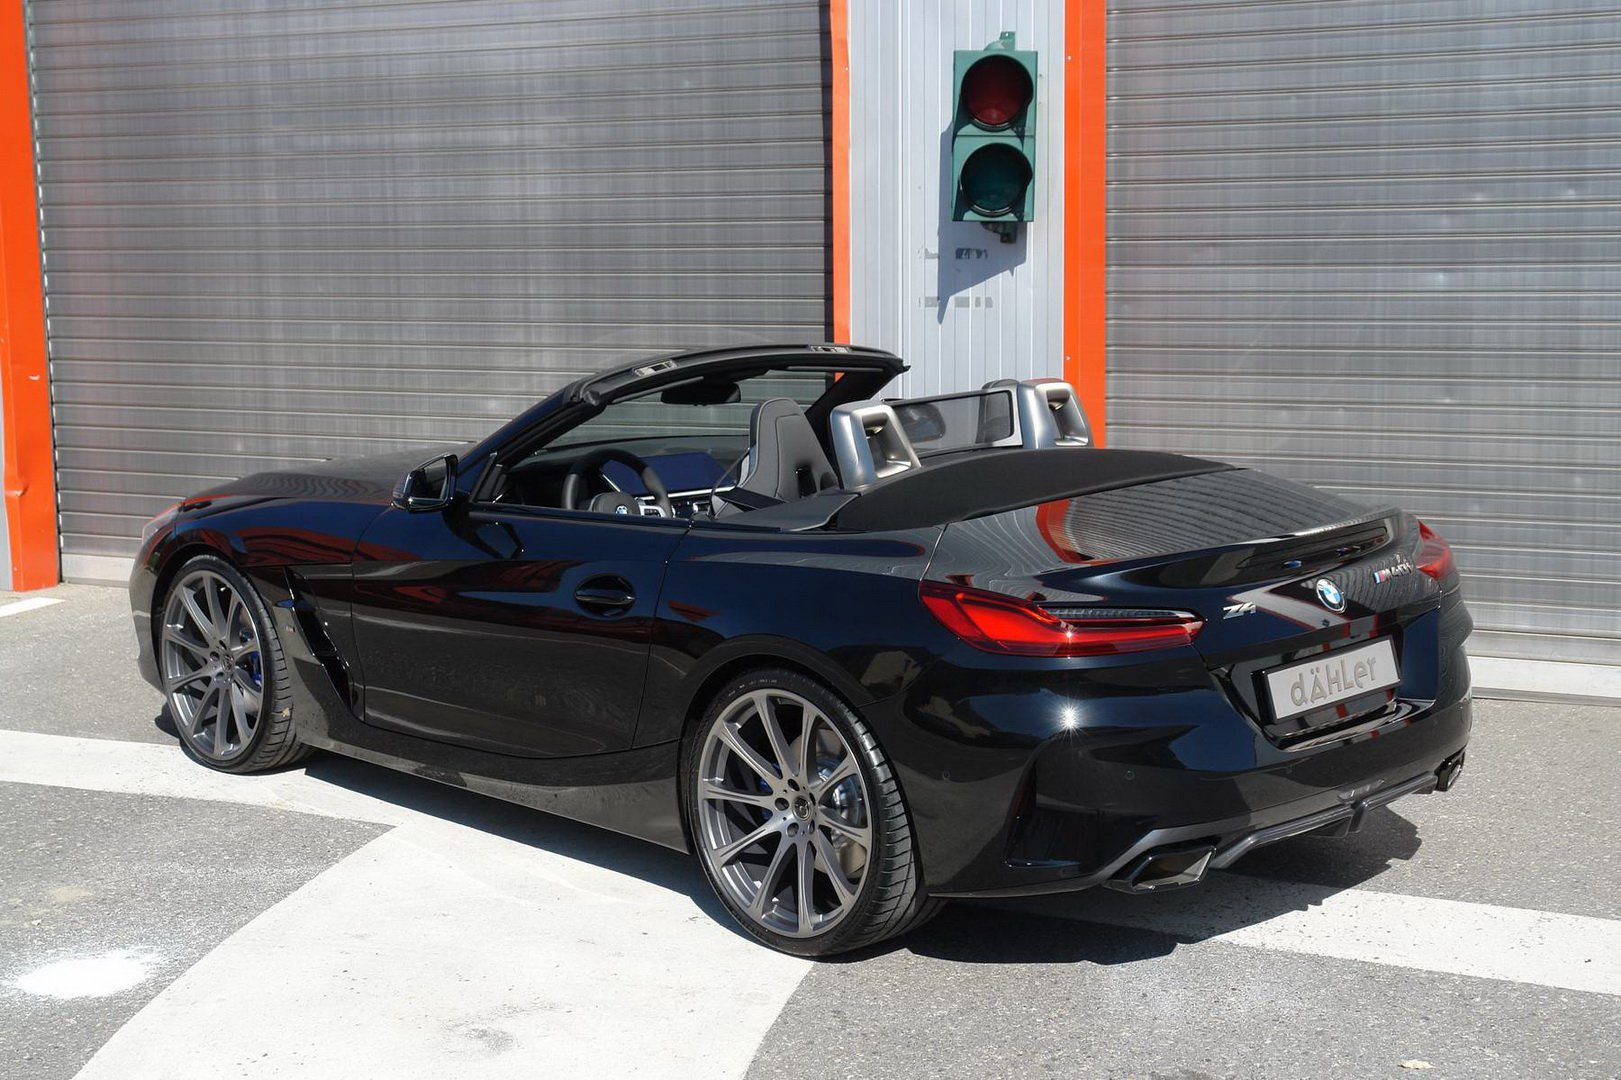 BMW-Z4-by-Dahler-8